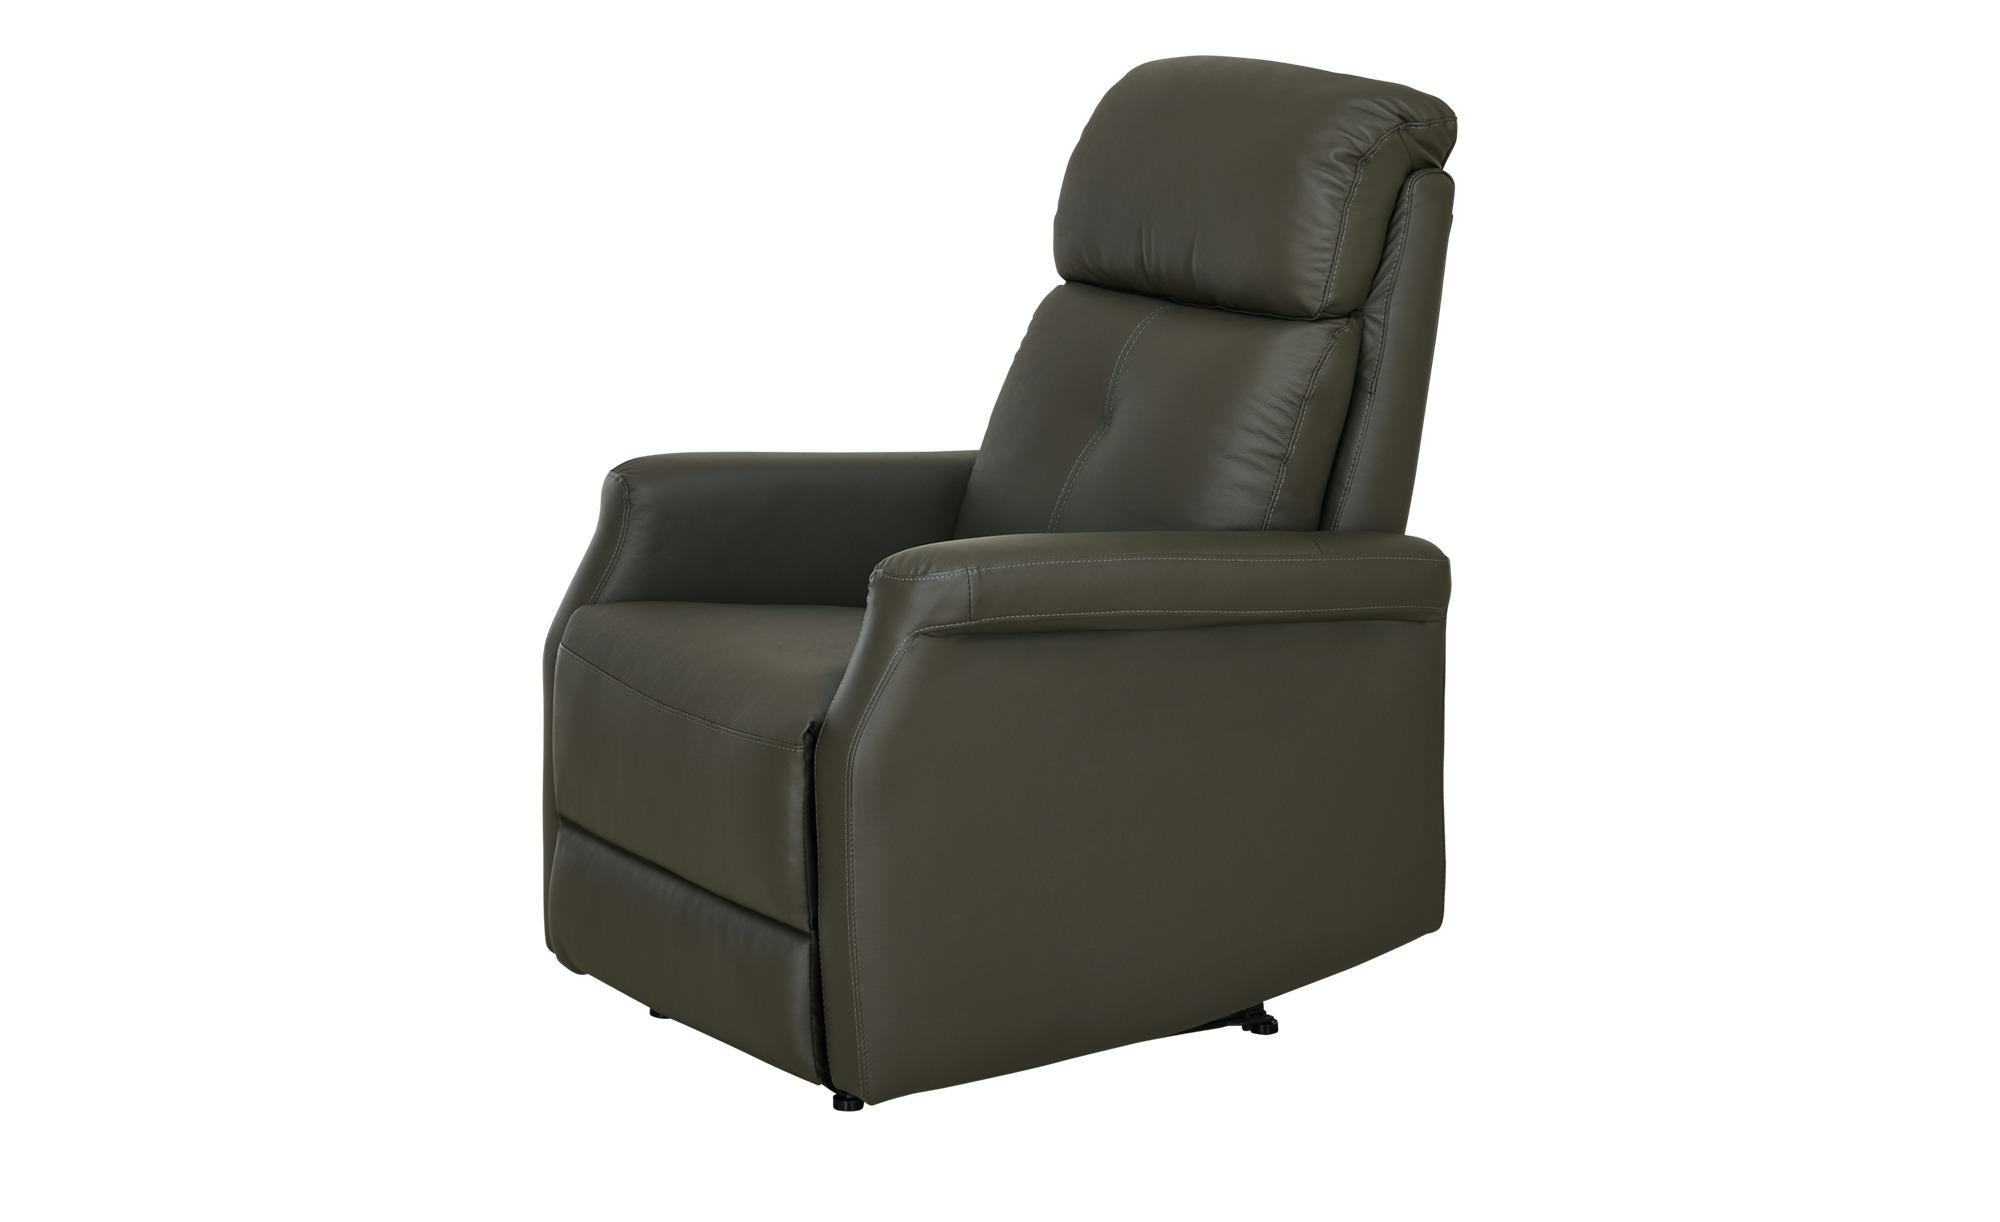 Fernsehsessel  grau - Leder Solea ¦ grau ¦ Maße (cm): B: 82 H: 104 T: 74 Polstermöbel > Sessel > Fernsehsessel - Höffner